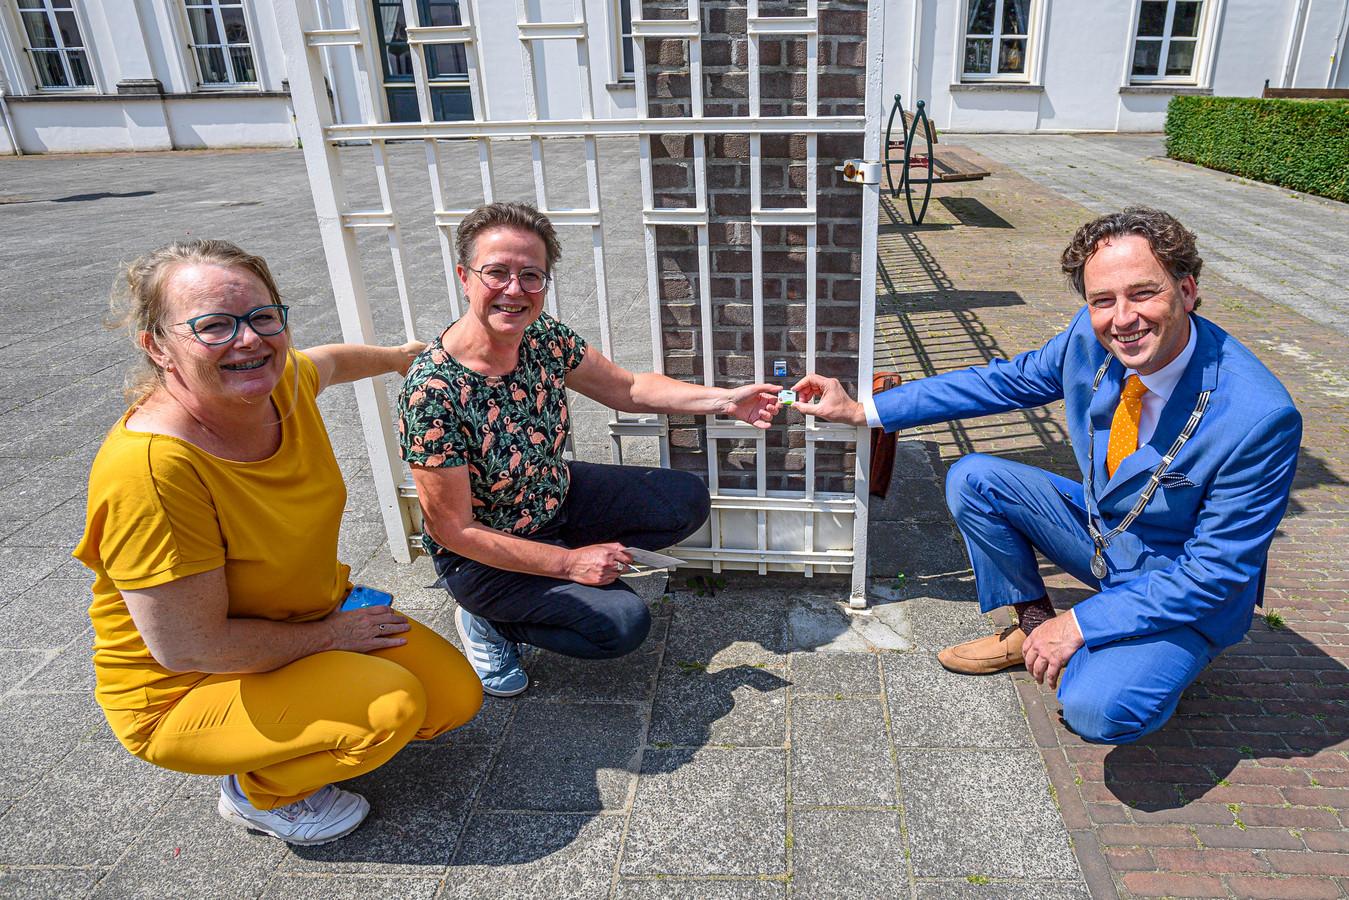 Marieke Bendeler en Monique Jasperse kregen de gemeentelijke Pluim uitgereikt van burgemeester Bernd Roks.